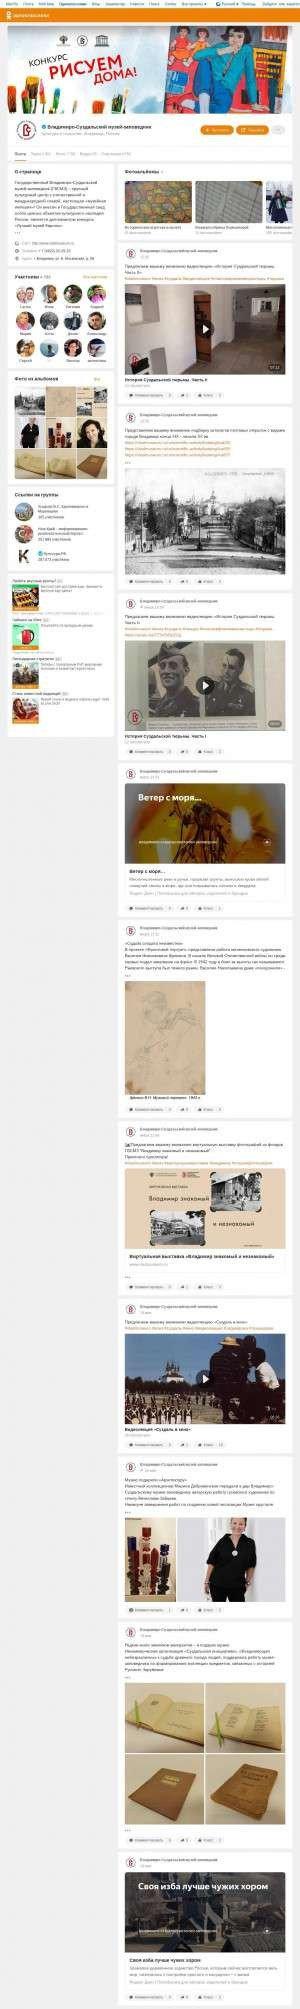 Предпросмотр для www.ok.ru — Владимиро-Суздальский музей-заповедник Спасо-Евфимиев монастырь